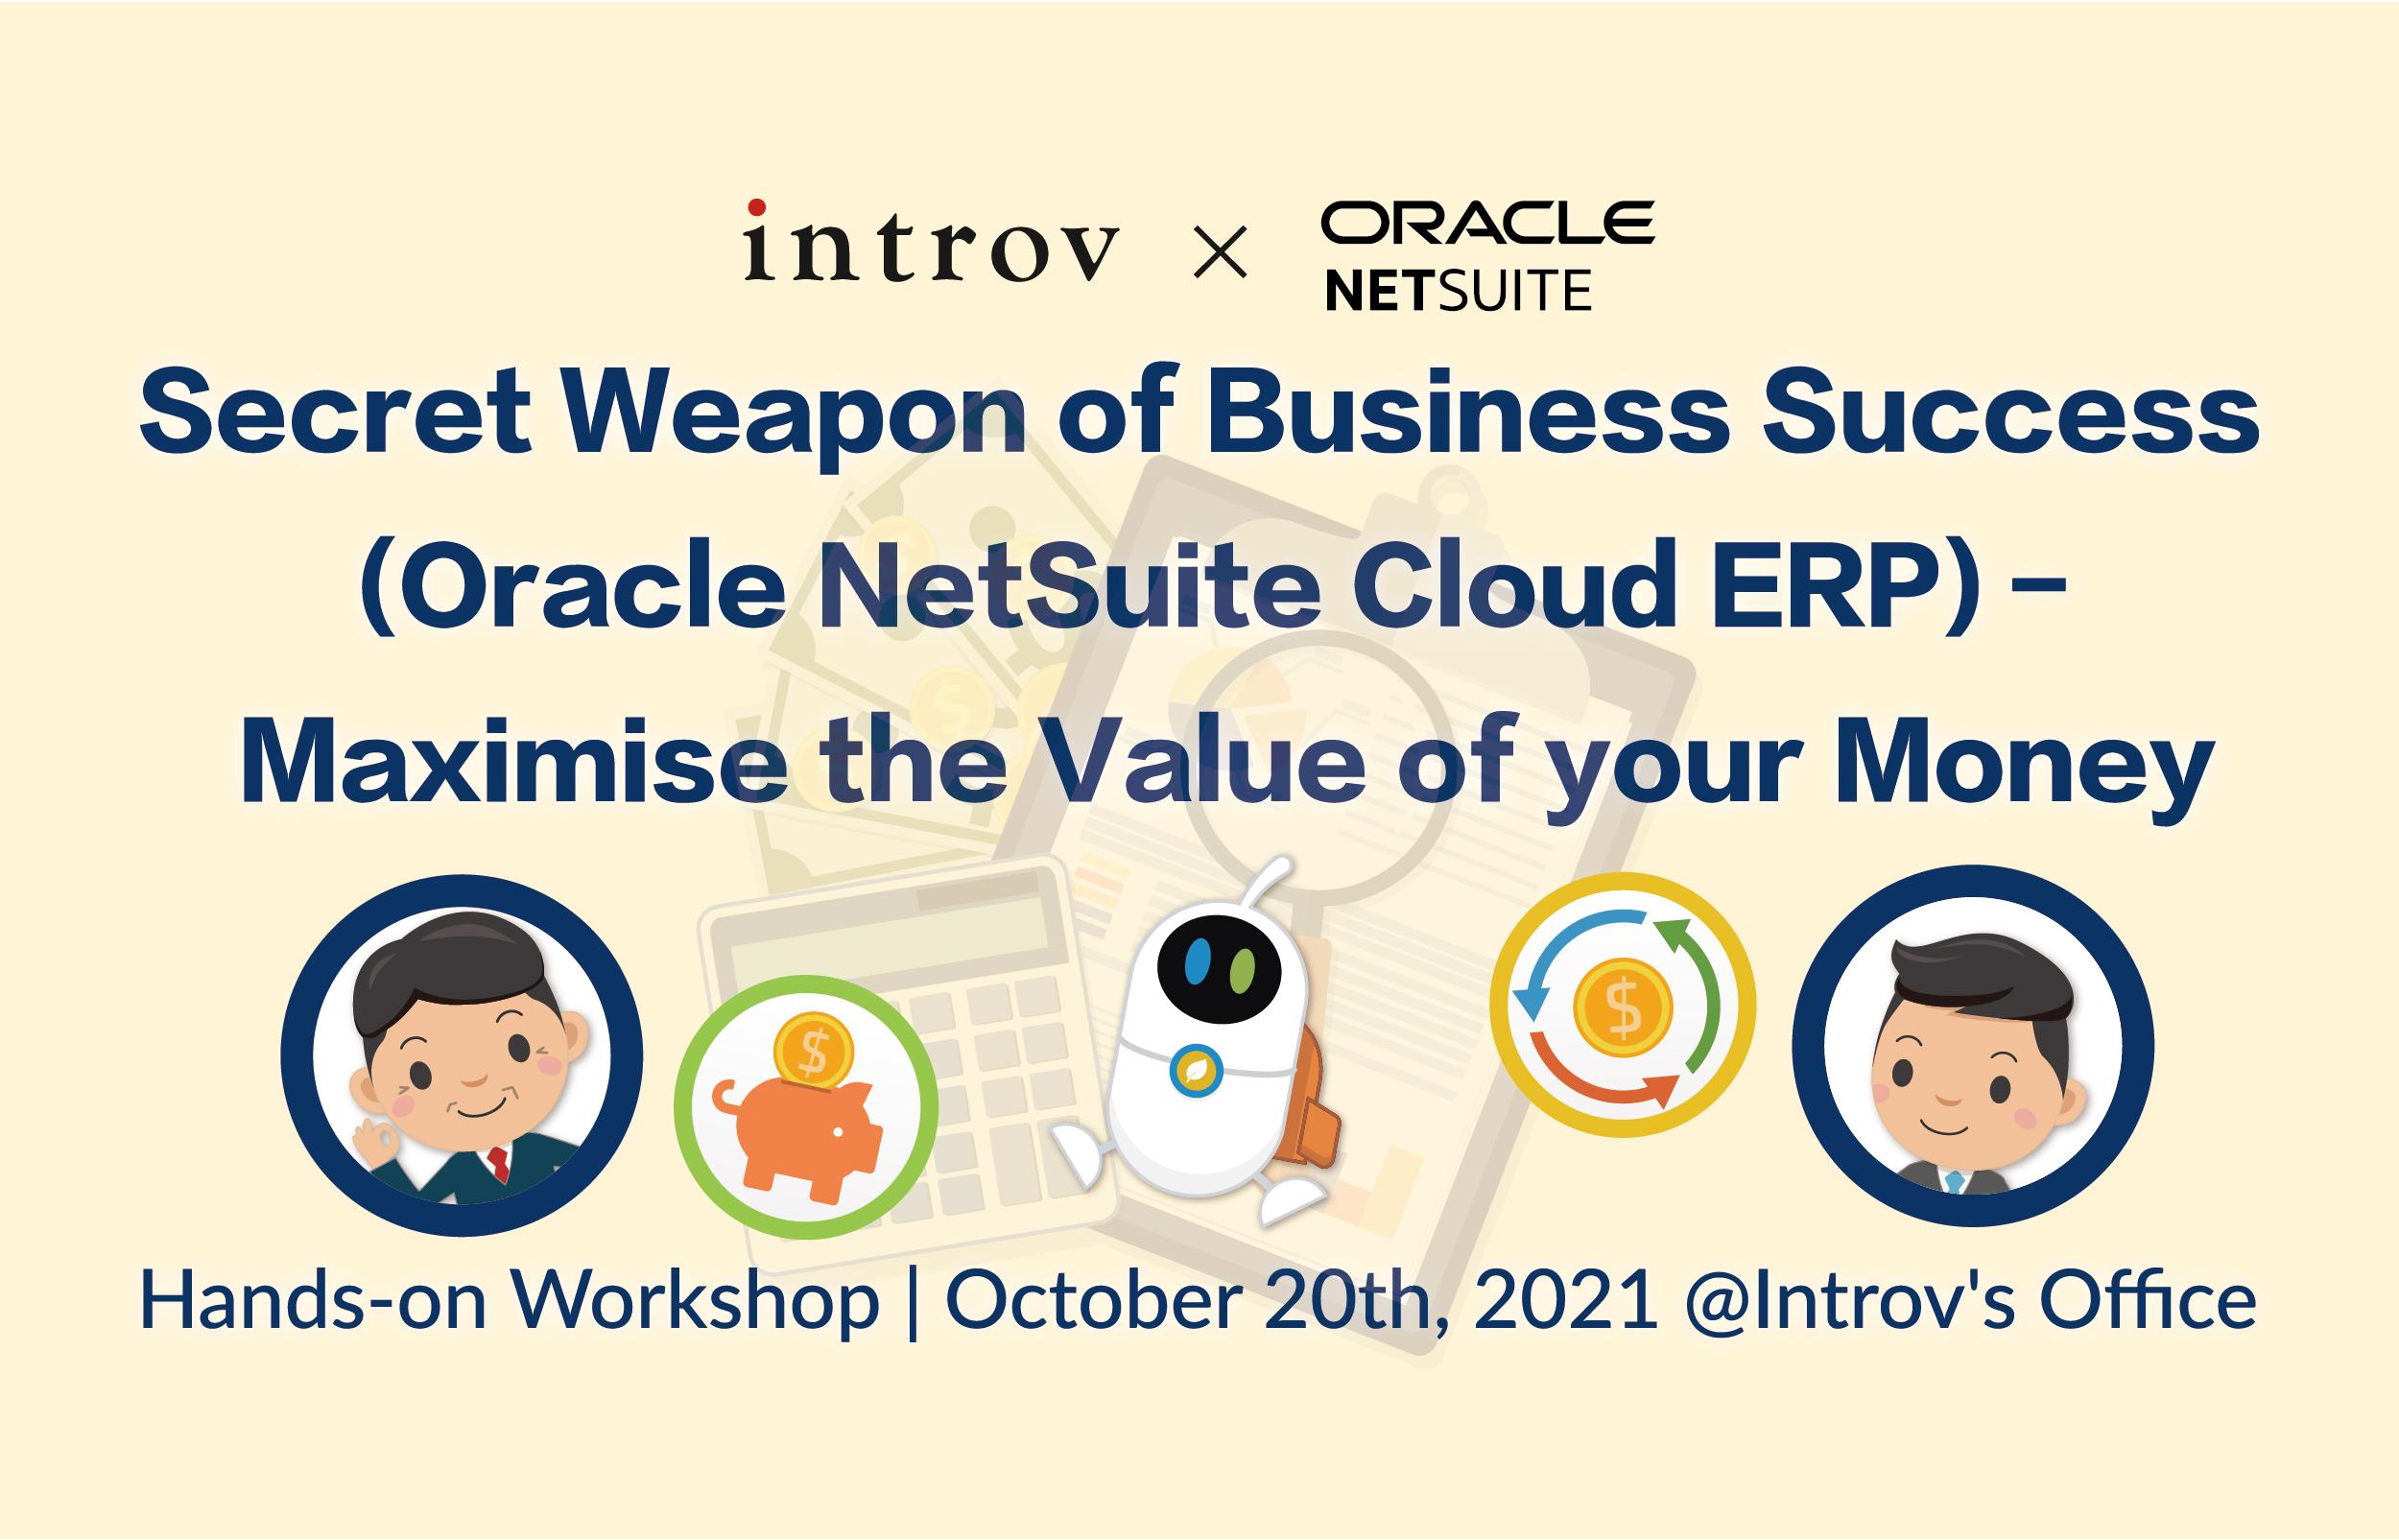 [實作工作坊] 成功企業的運營秘密武器 (Oracle NetSuite 雲端ERP)- 用最少的錢, 最短的時間, 獲得最大的效益 ! (2021年10月20日)